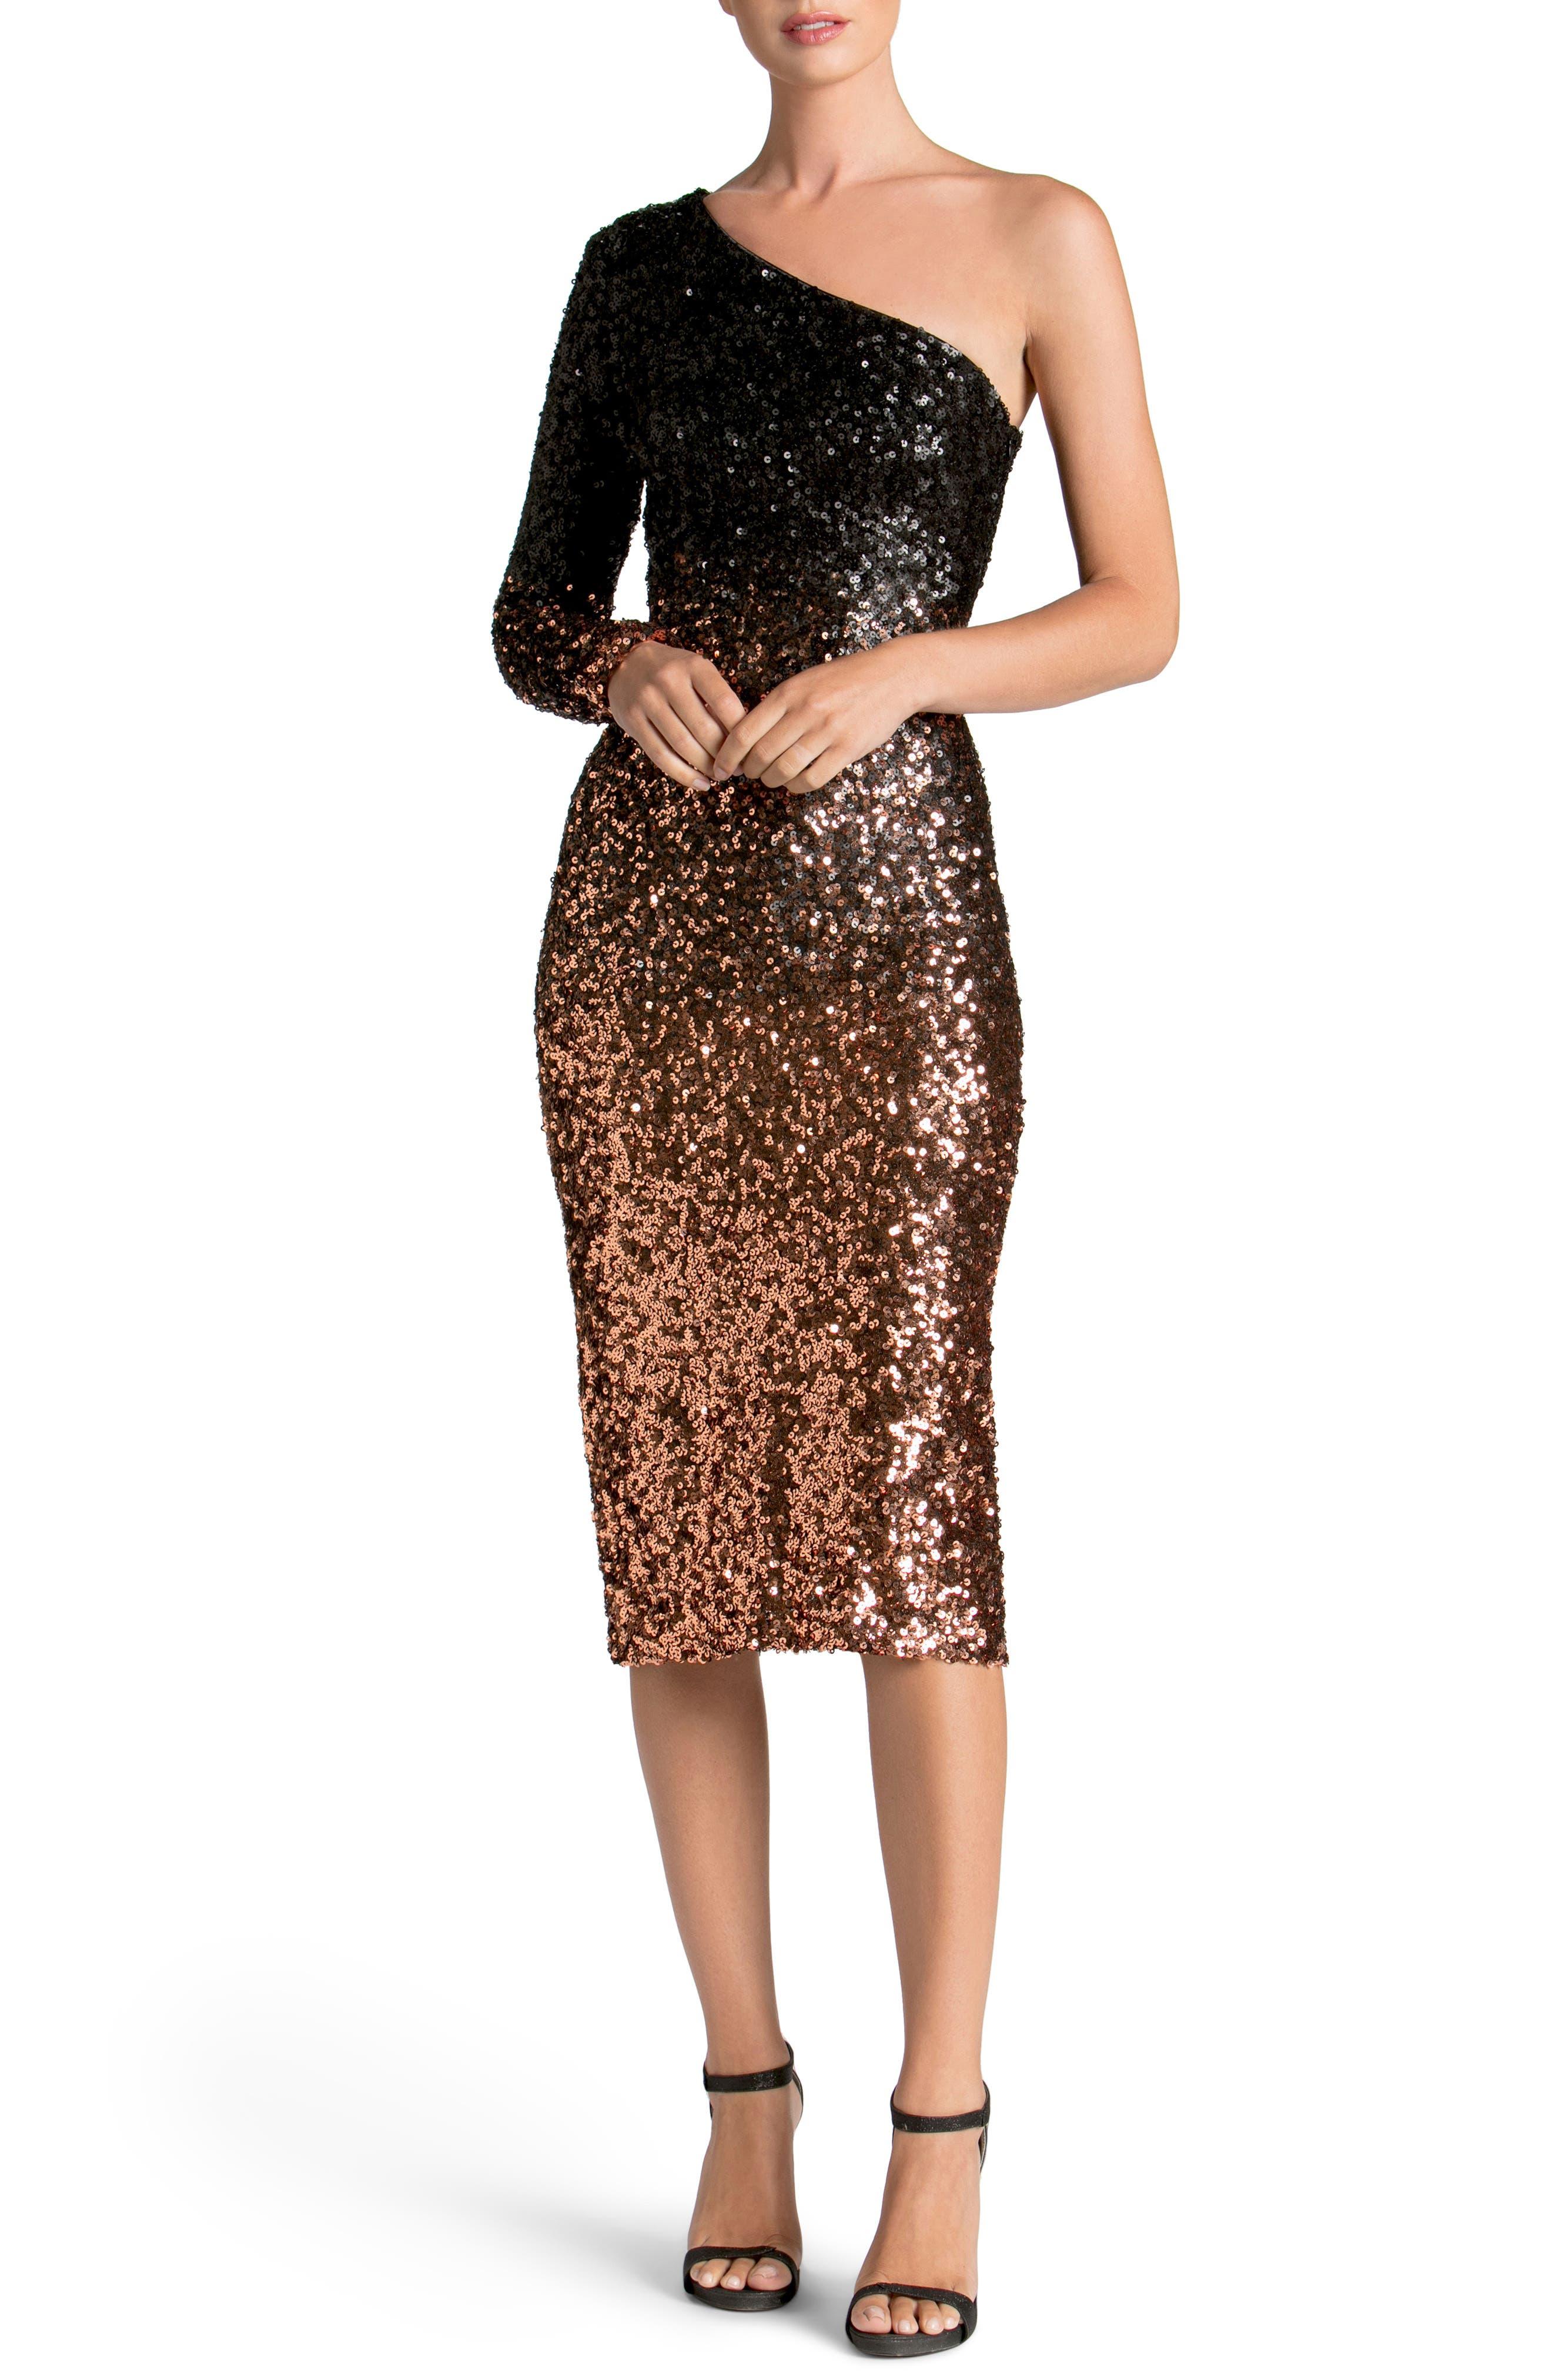 Chrissie One-Shoulder Ombré Sequin Sheath Dress,                             Main thumbnail 1, color,                             016